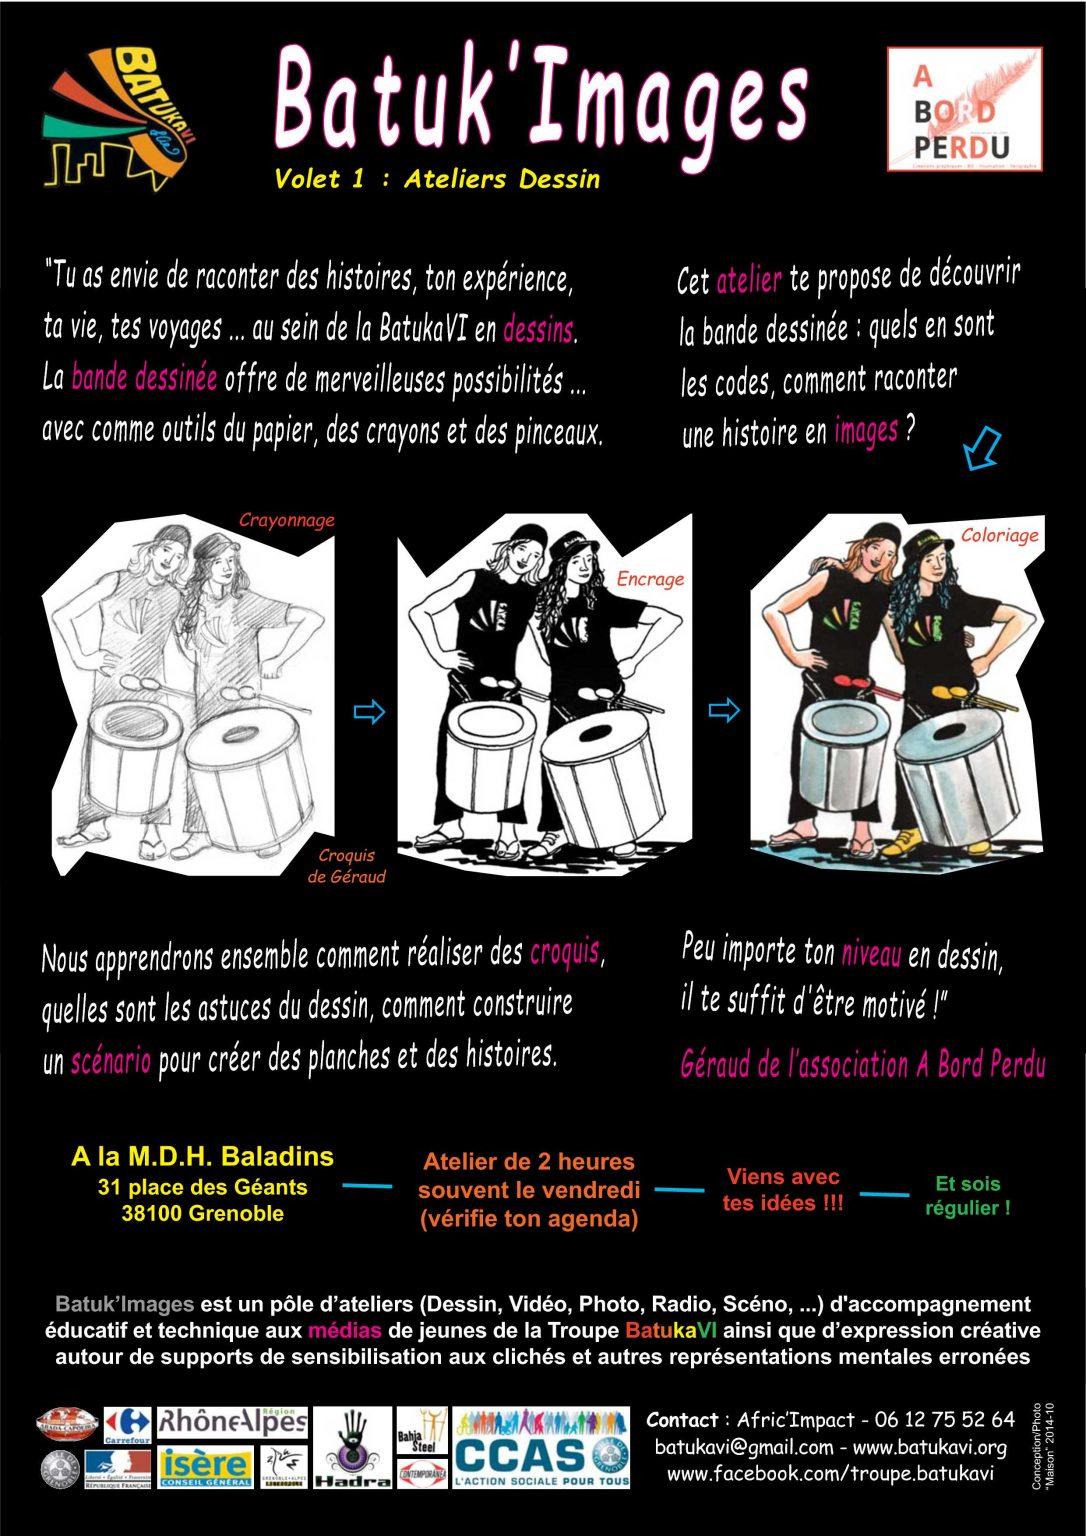 2014-10 Pôle Images - Volet 1 Ateliers Dessin